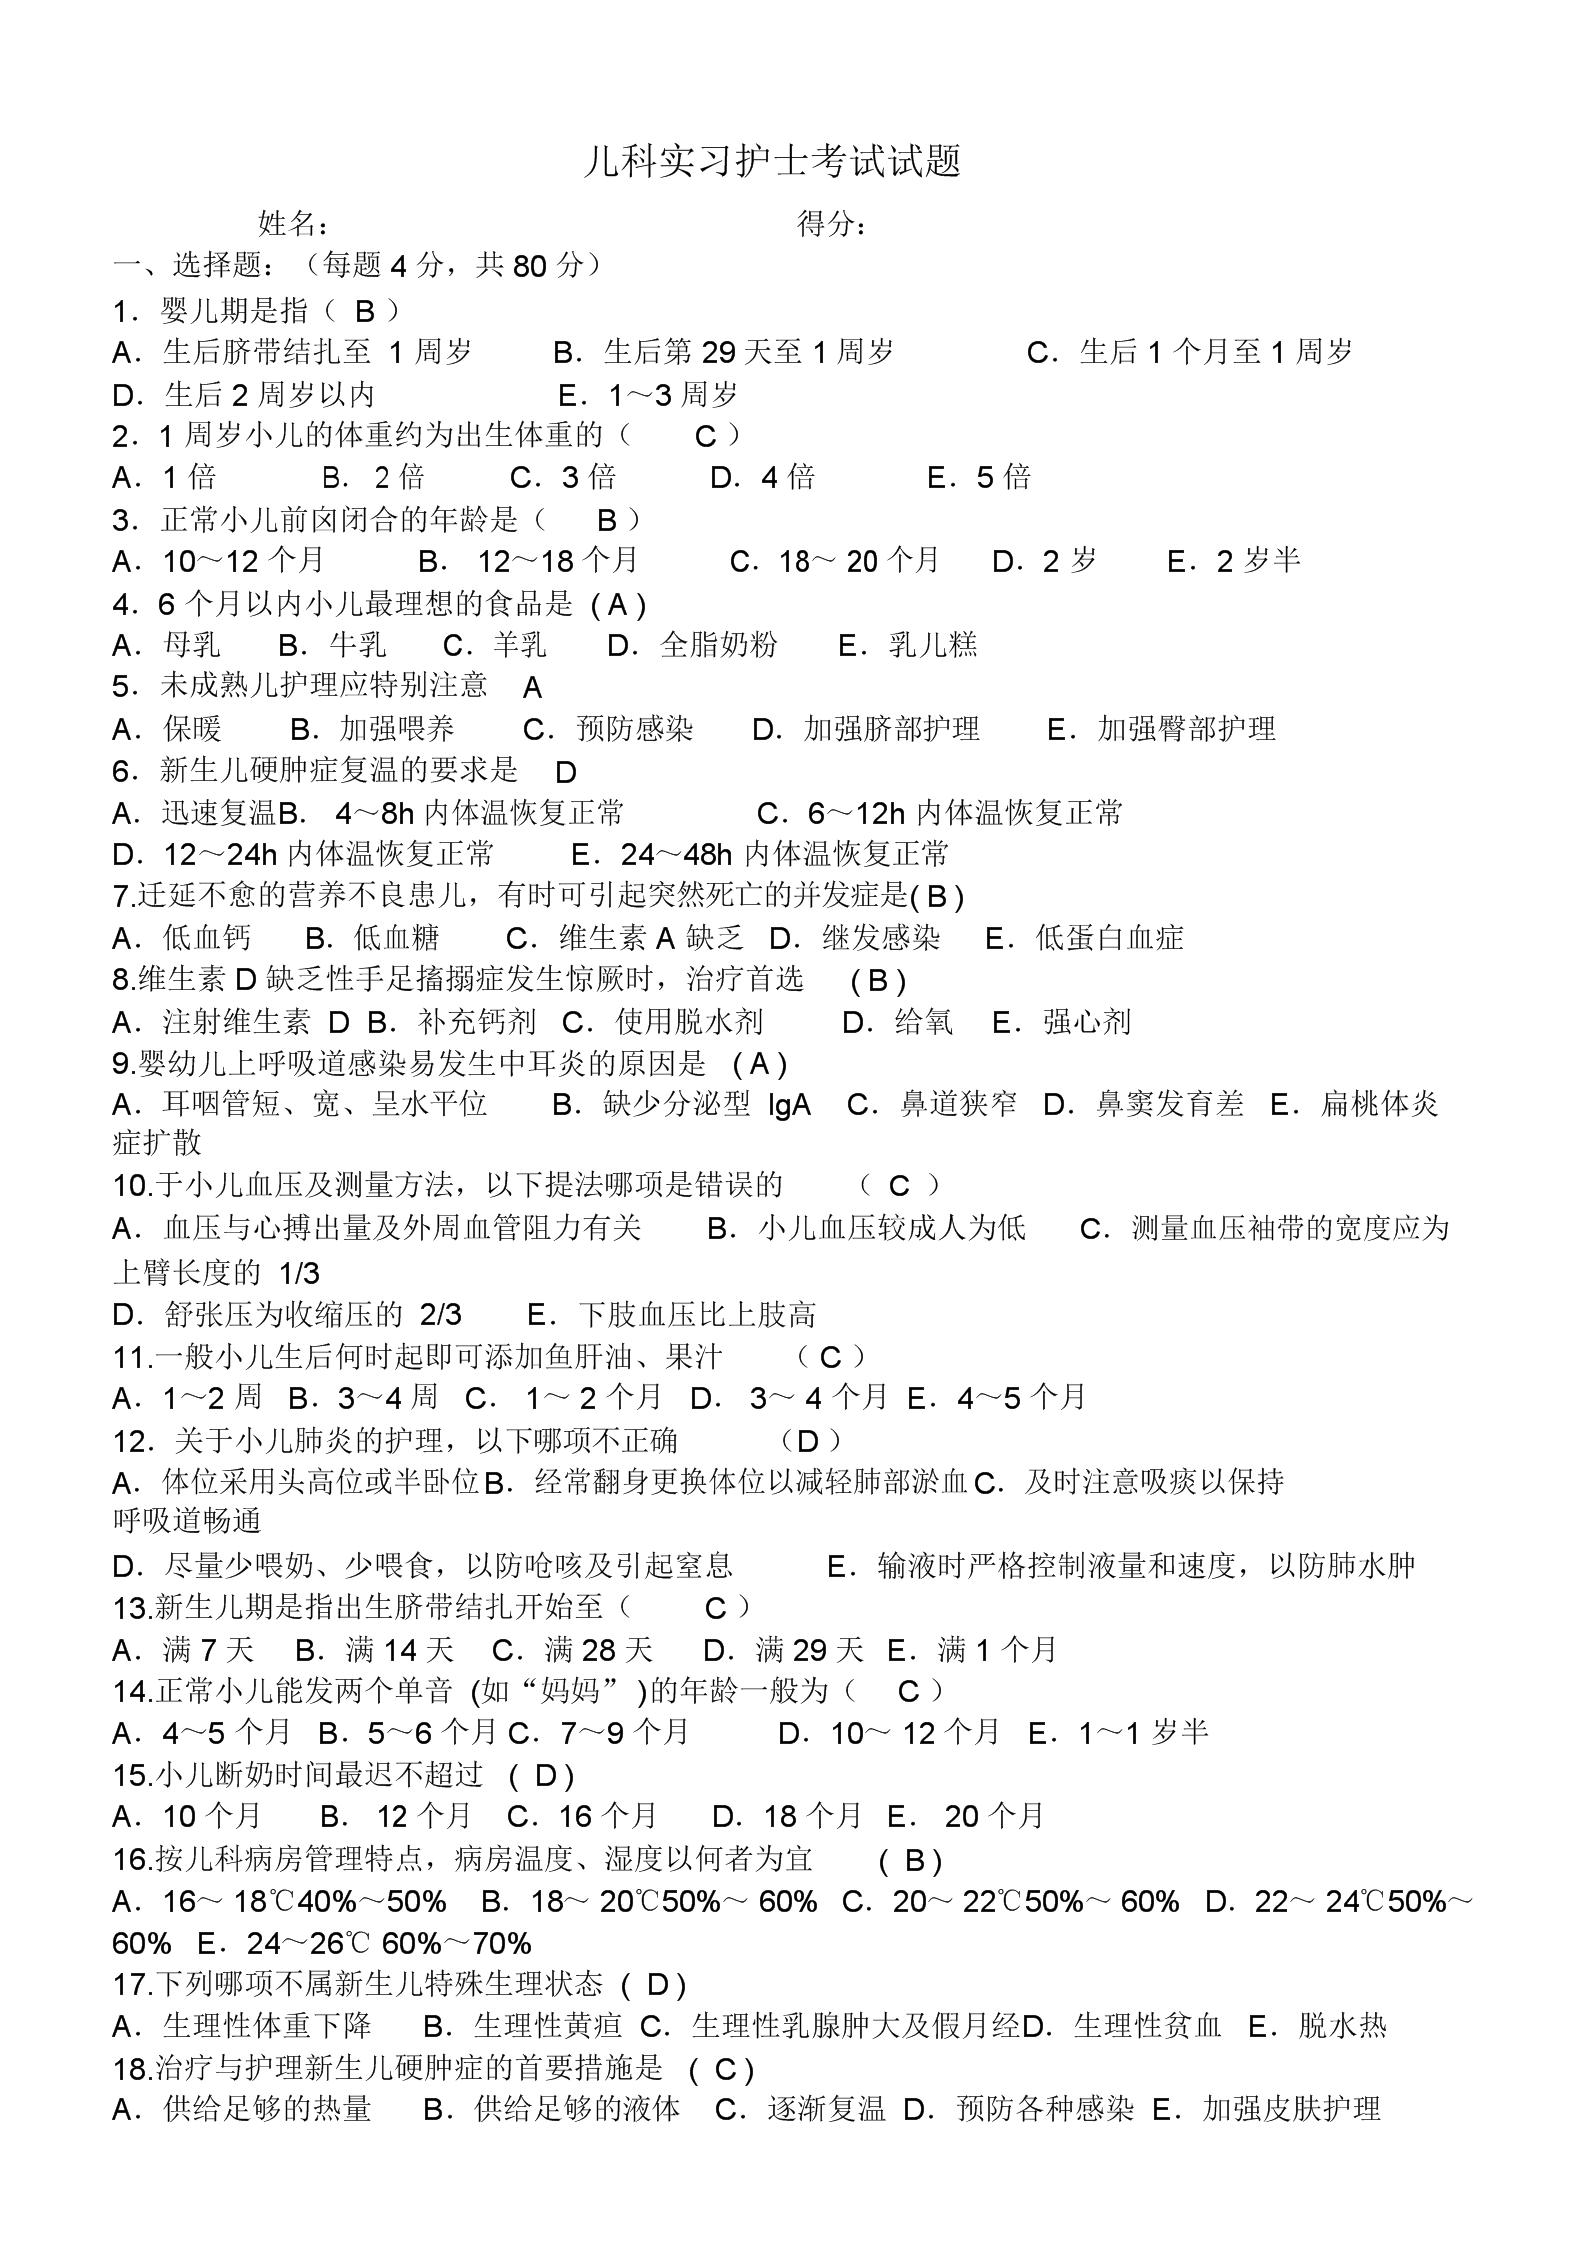 儿科实习护士考试试卷试题及答案.doc